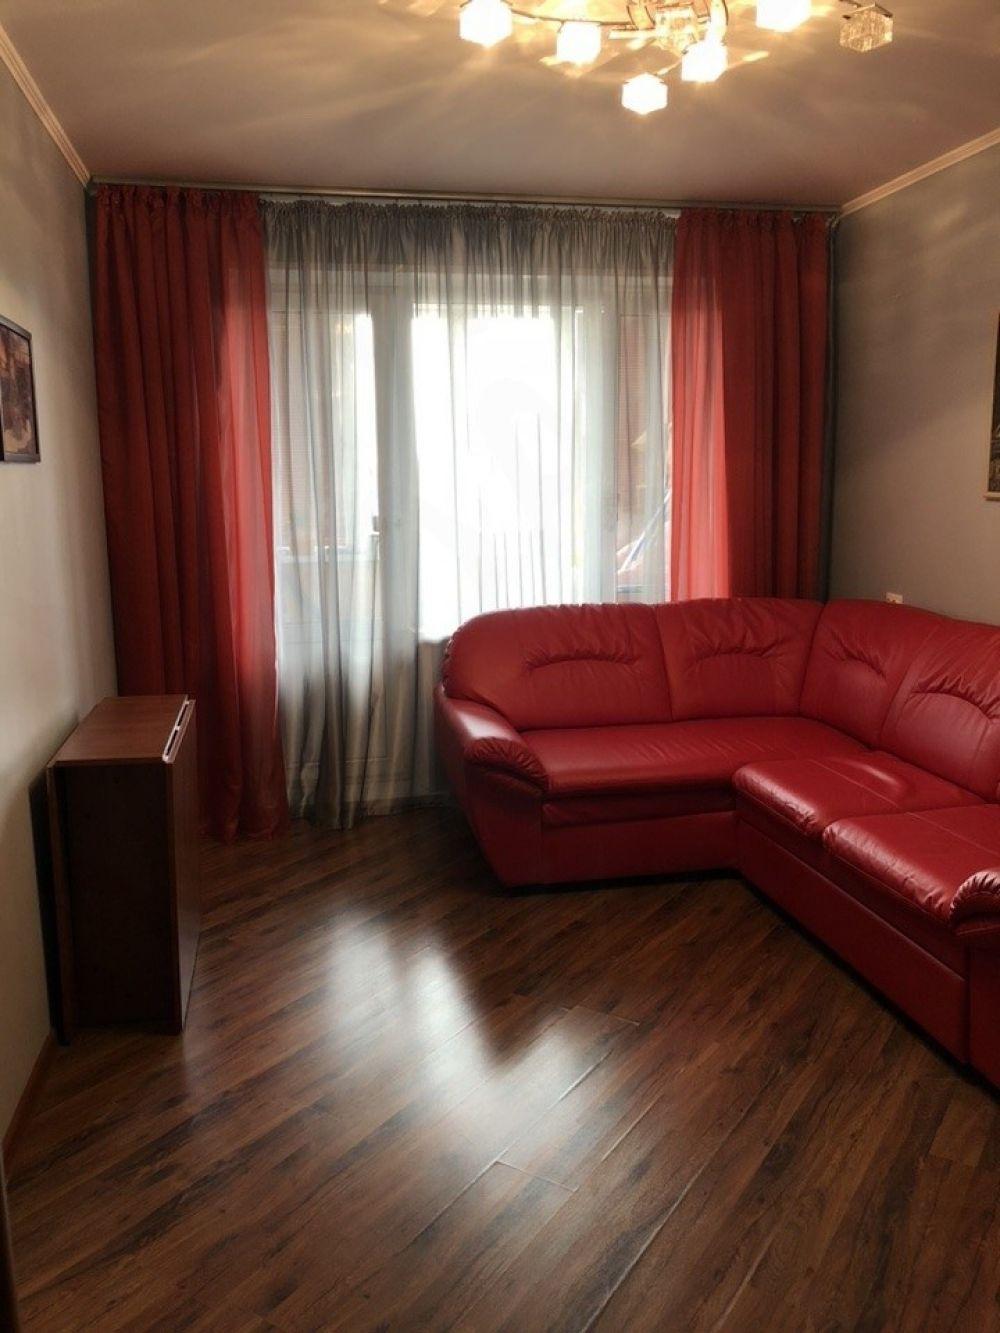 Продается 2-к квартира Щелково ул.Талсинская дом 8, фото 1